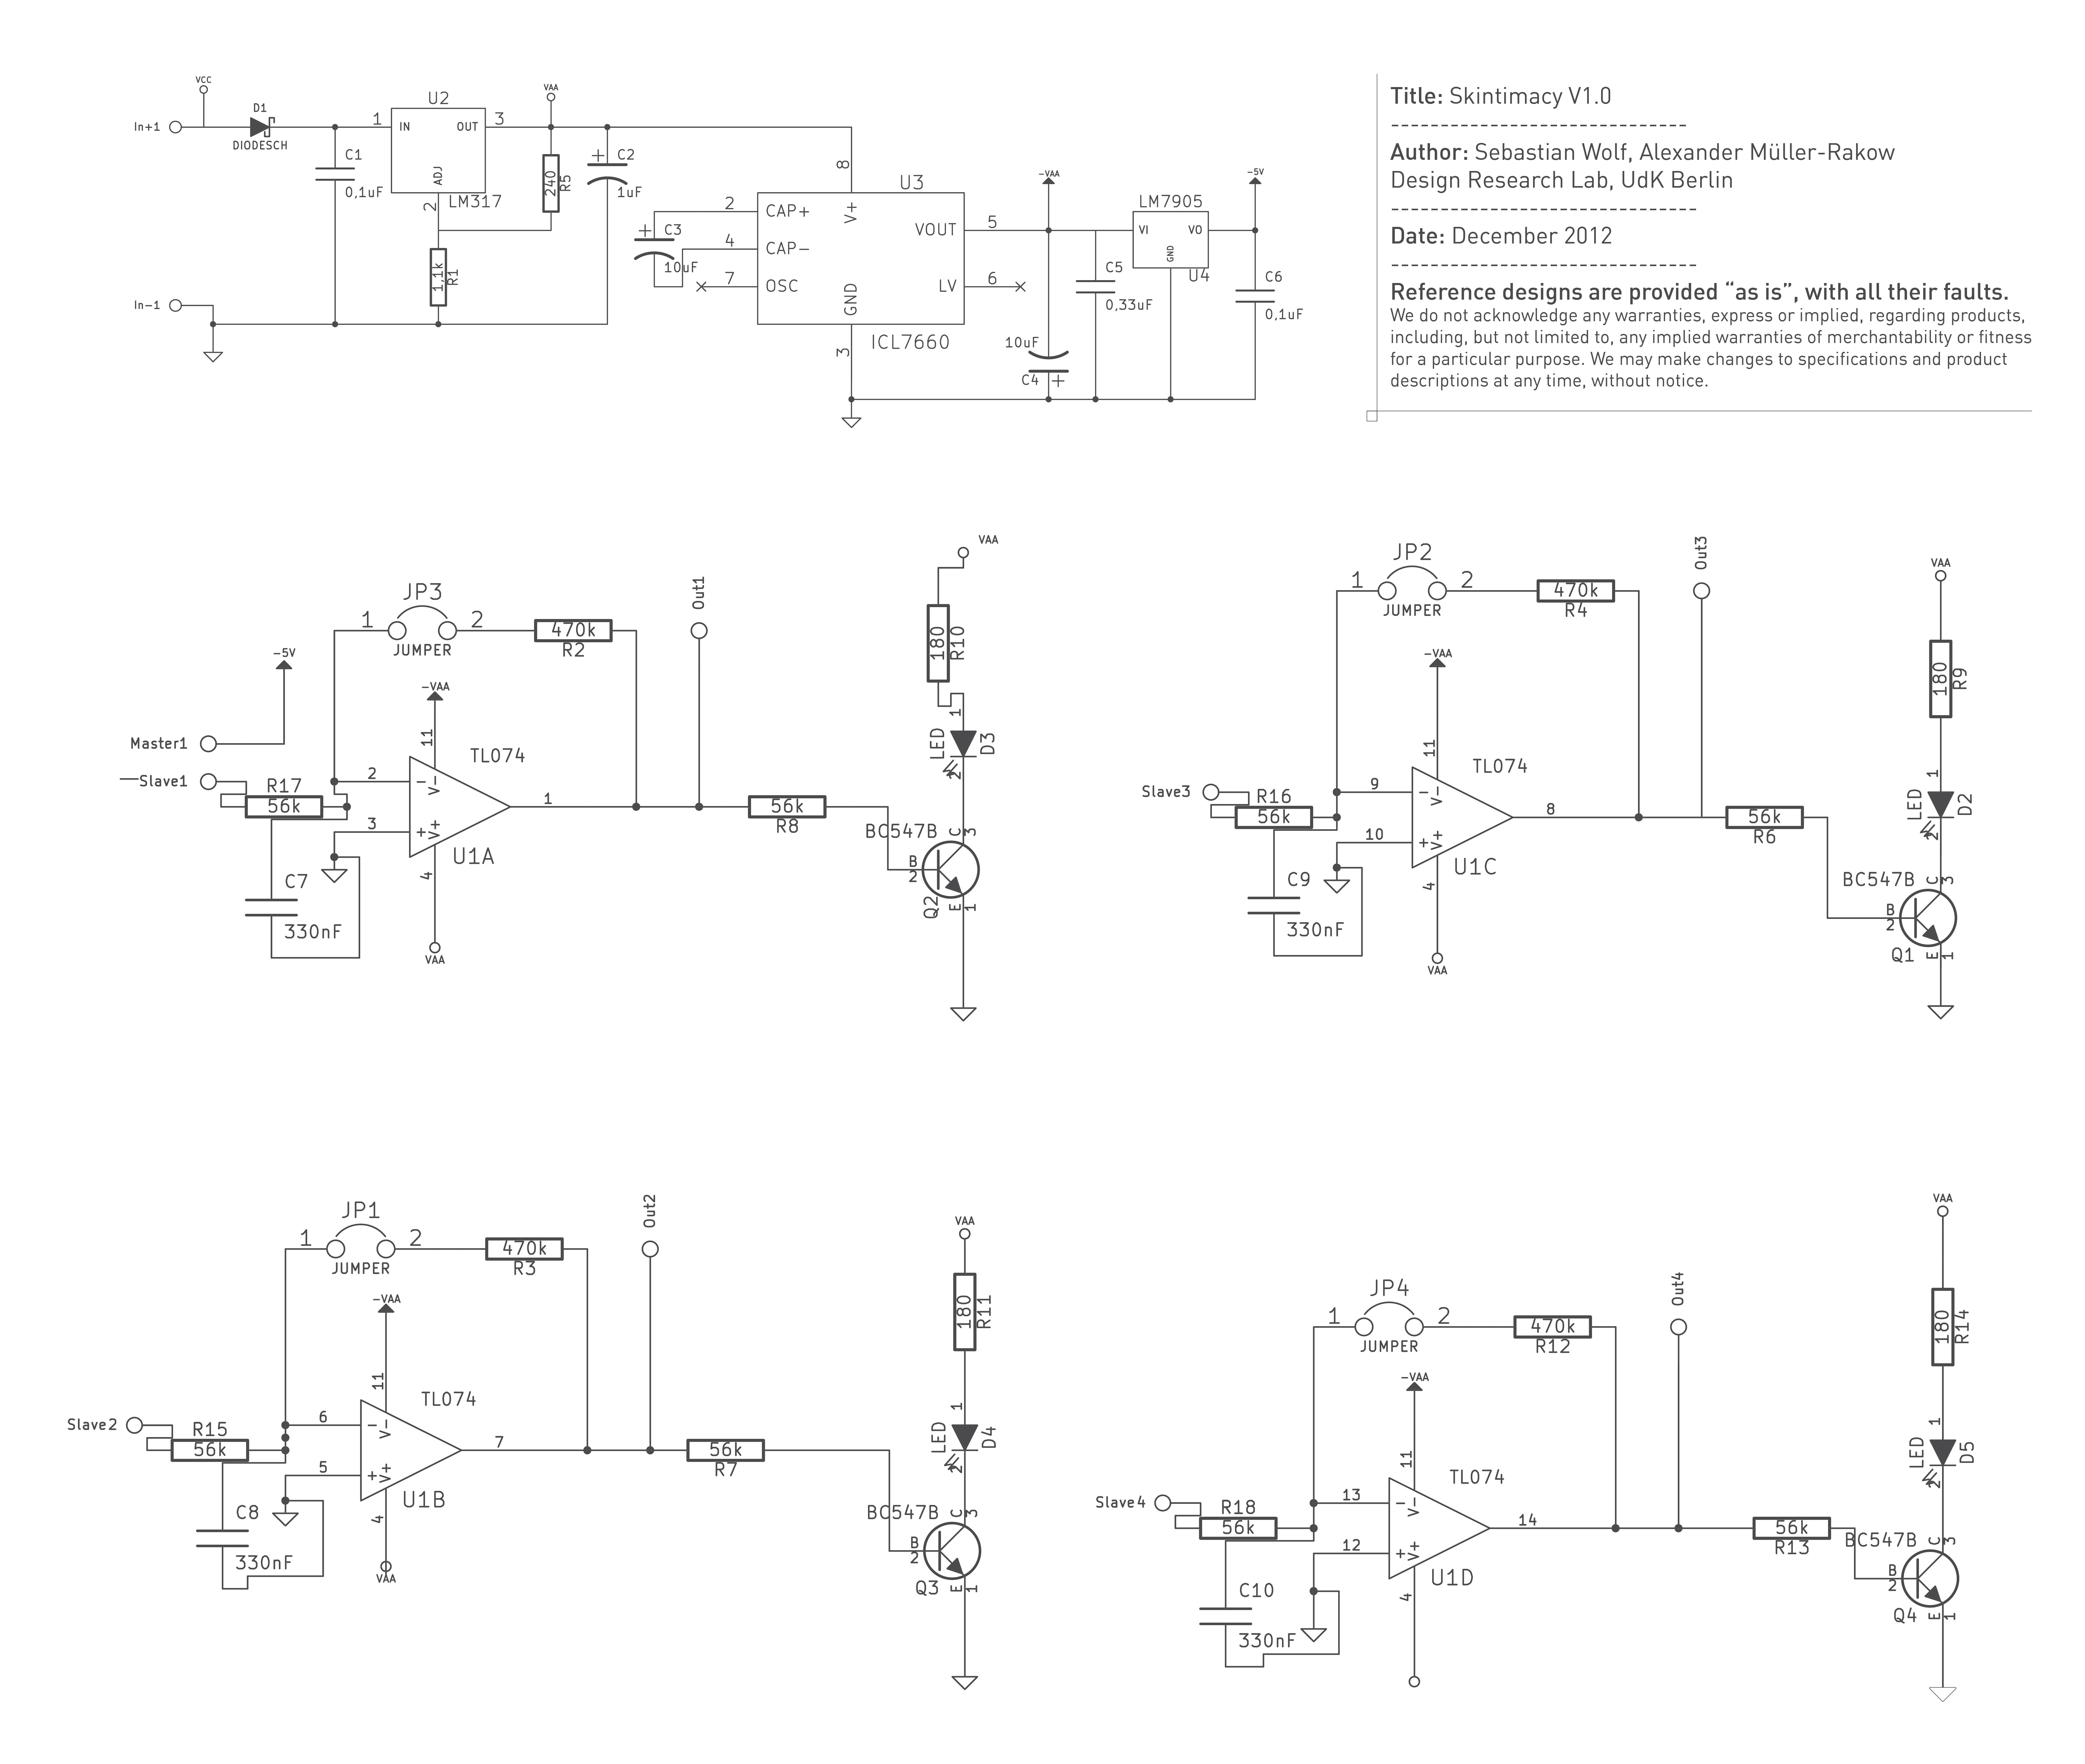 Circuit Diagram Skintimacy Year 9 Diagrams